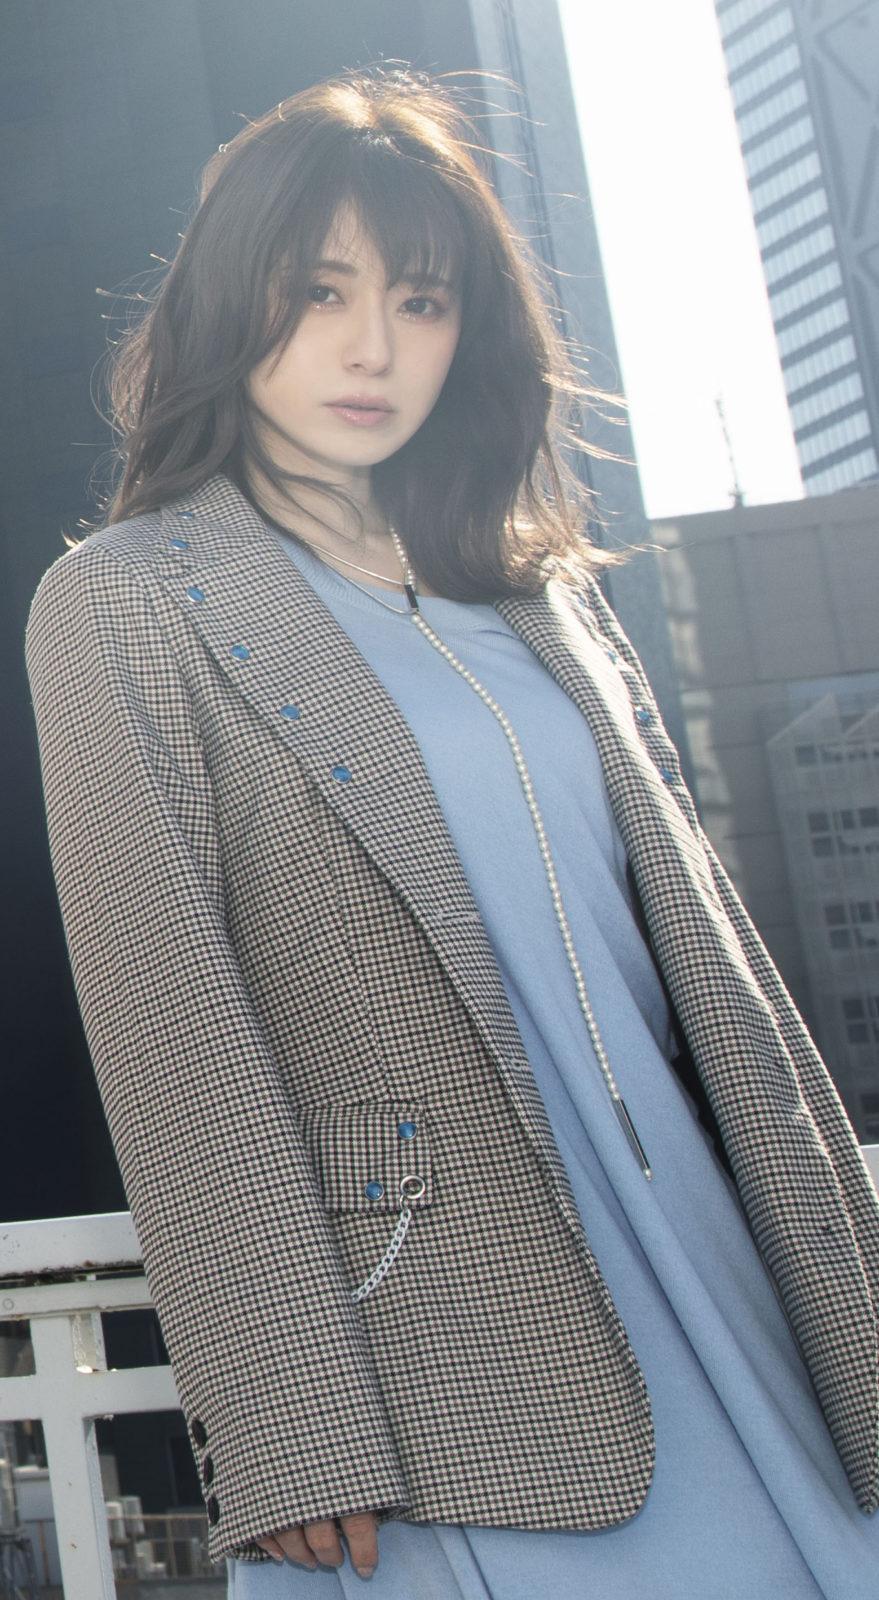 SILENT SIREN 黒坂優香子(Key.ゆかるん)が独自のオリジナルファッションブランド立ち上げサムネイル画像